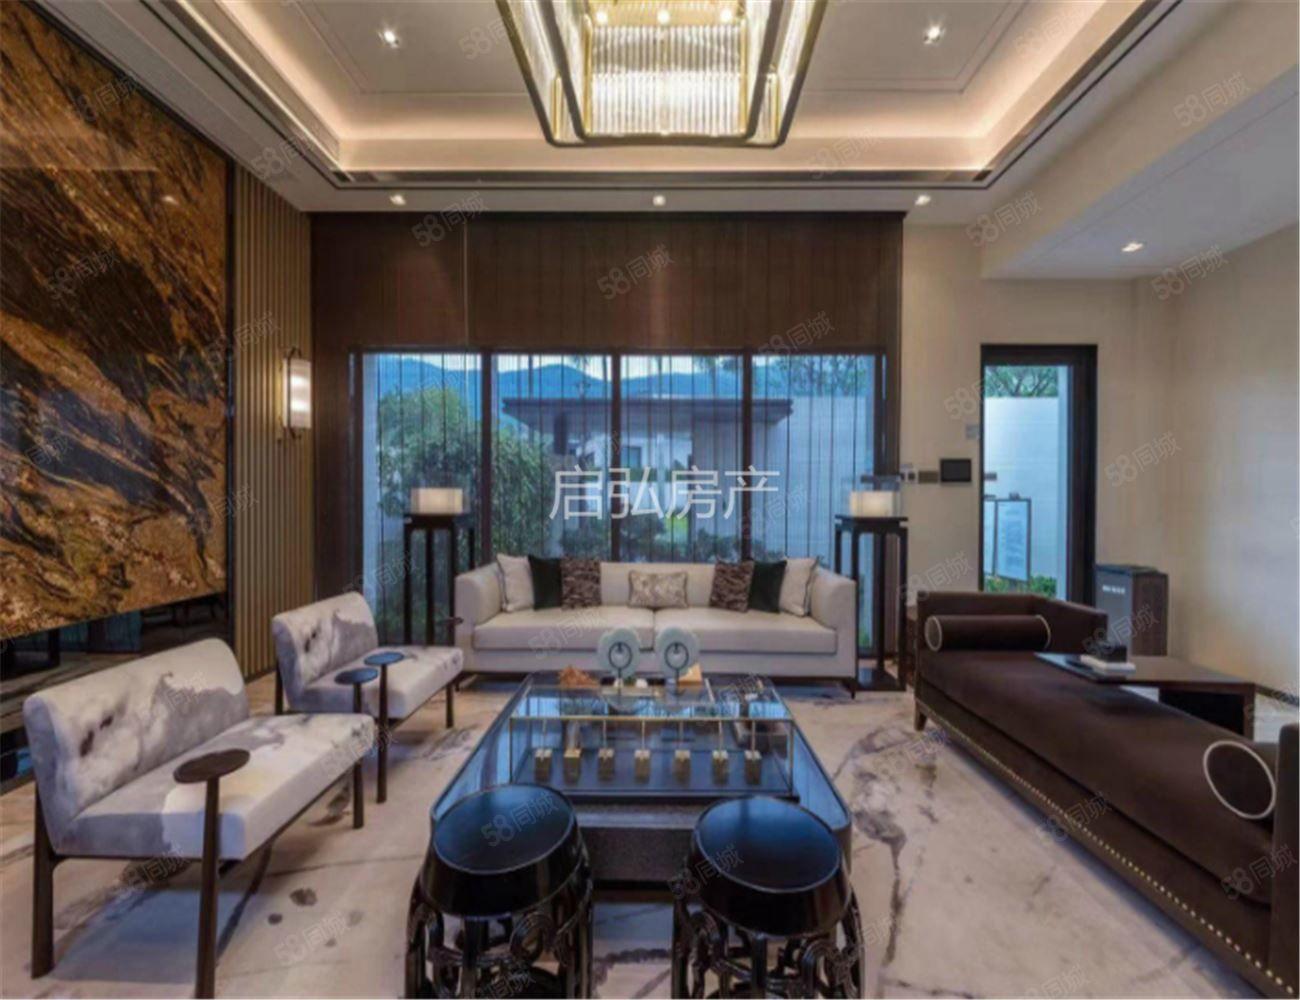 总价450万起融创海棠湾纯独栋别墅带泳池花园